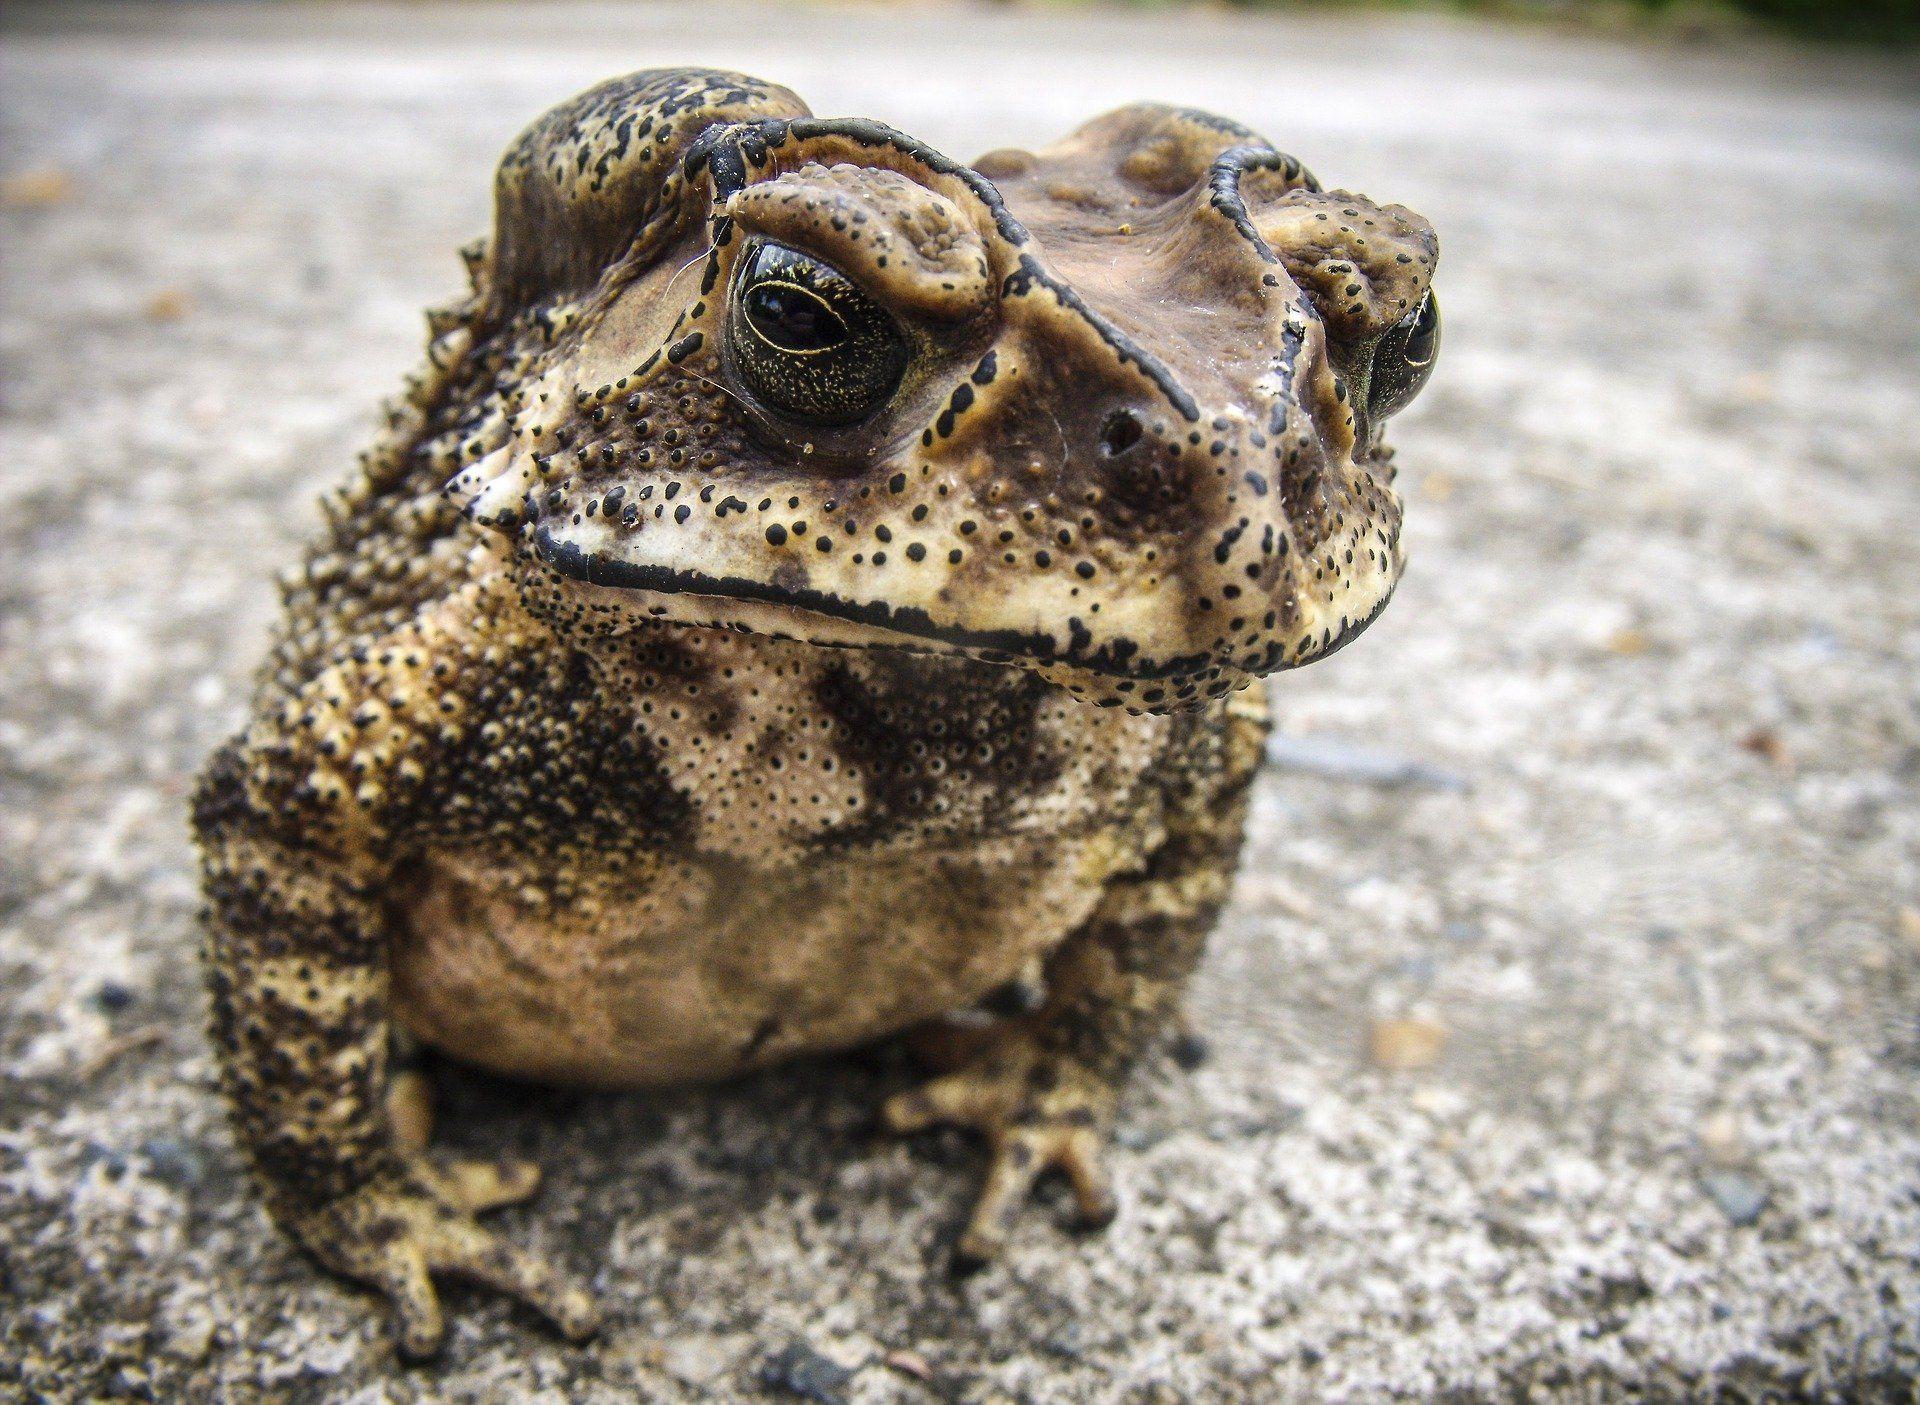 Смотреть онлайн бесплатно красивую картинку жаба на природе